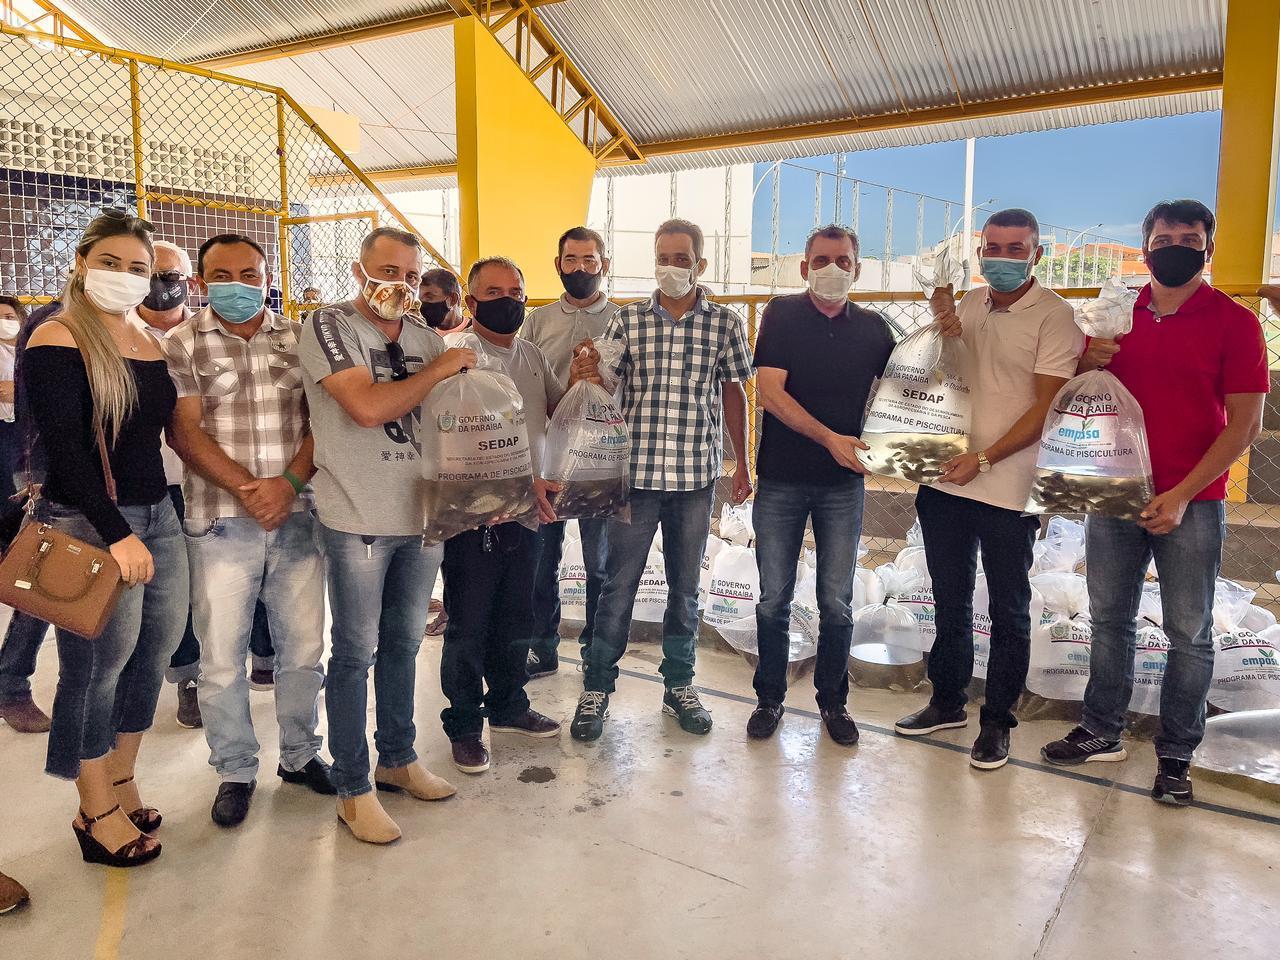 download - Durante solenidade, Prefeitura de São José de Piranhas e Governo da PB realizam distribuição de alevinos